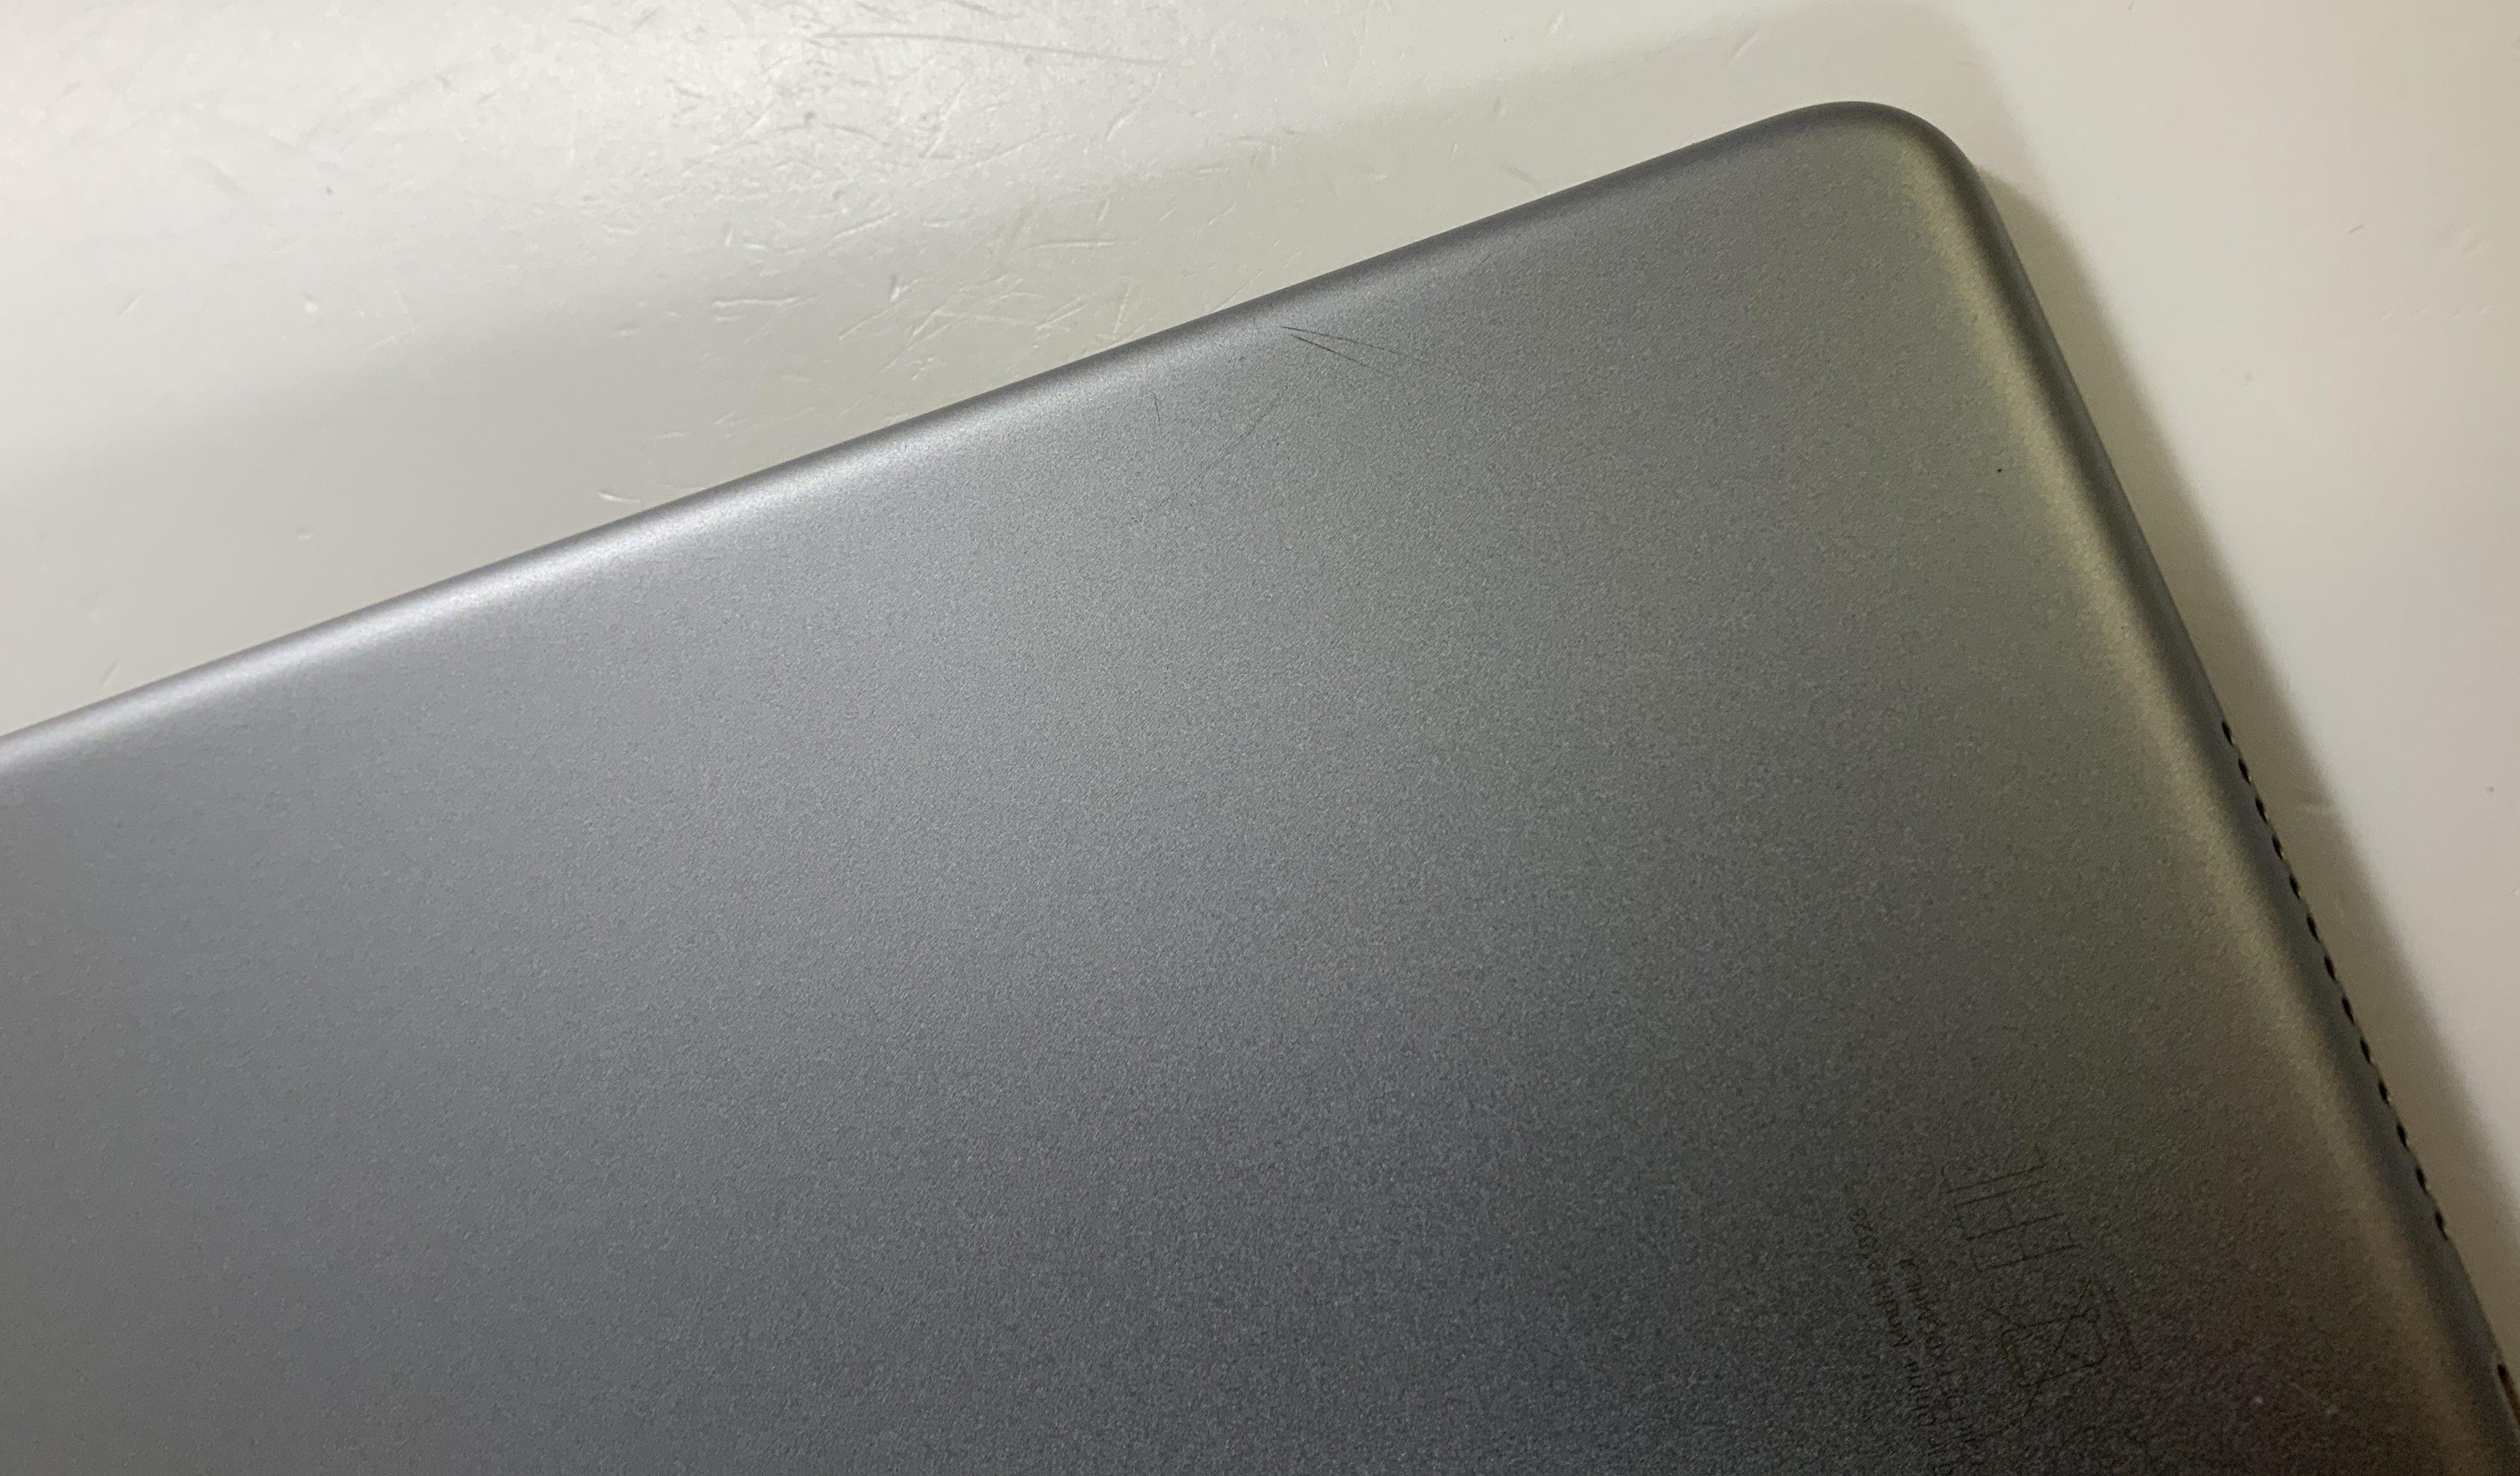 iPad 5 Wi-Fi + Cellular 128GB, 128GB, Space Gray, Afbeelding 7